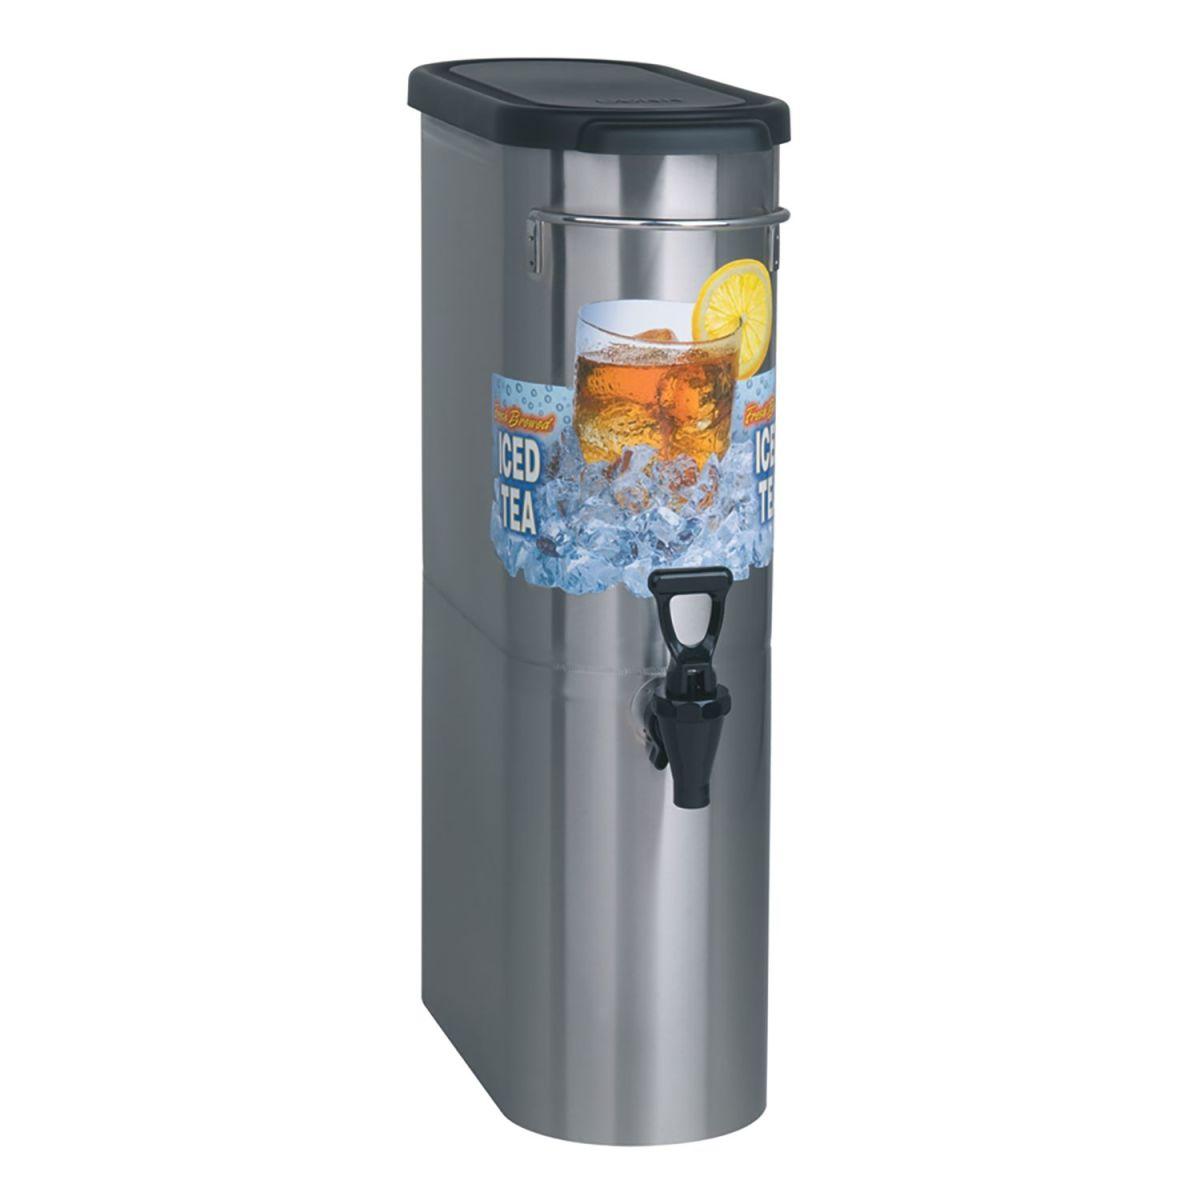 TDO-N-3.5 Dispenser w/Solid Lid